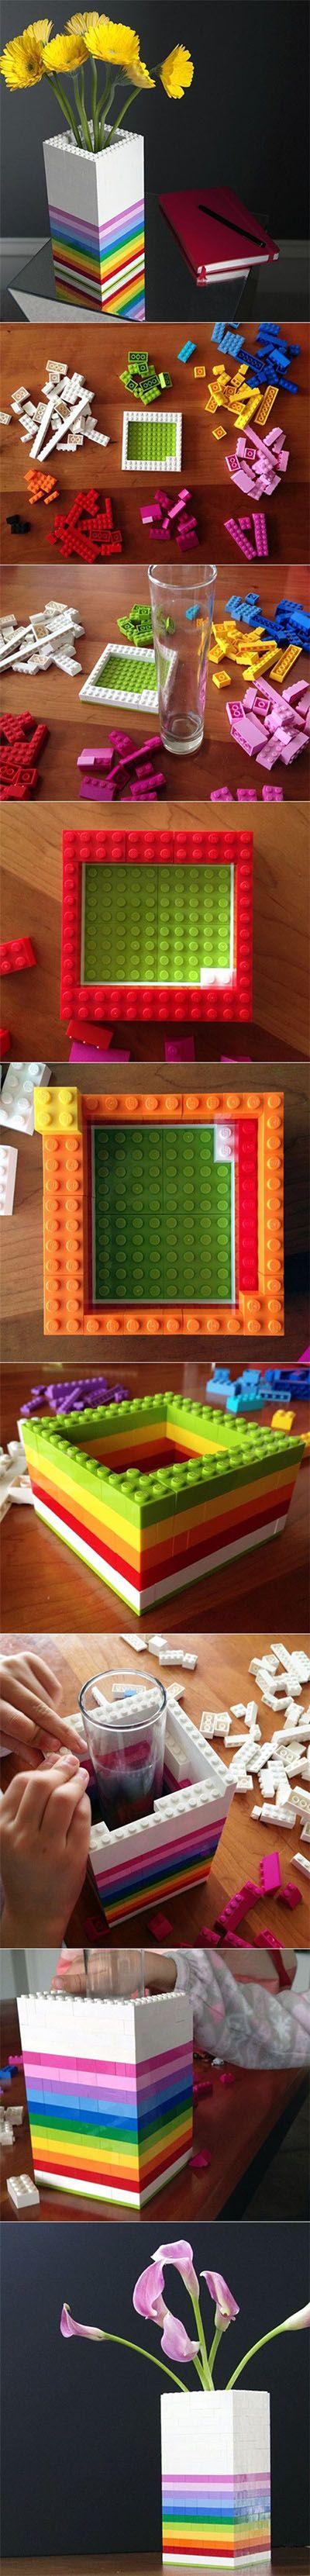 DIY Lego Vase | DIY & Crafts Tutorials